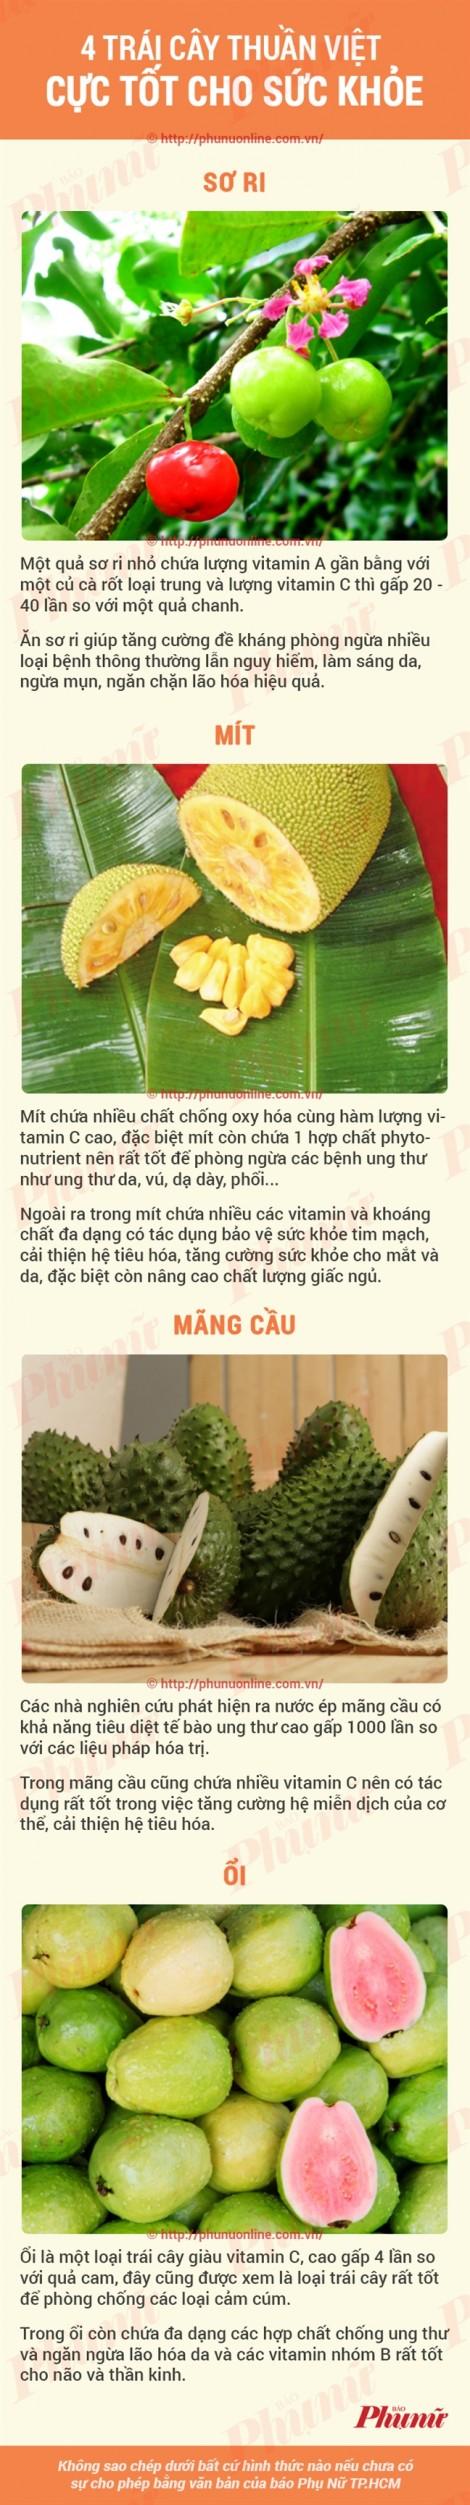 4 loại trái cây phổ biến ở Việt Nam rất tốt cho sức khỏe